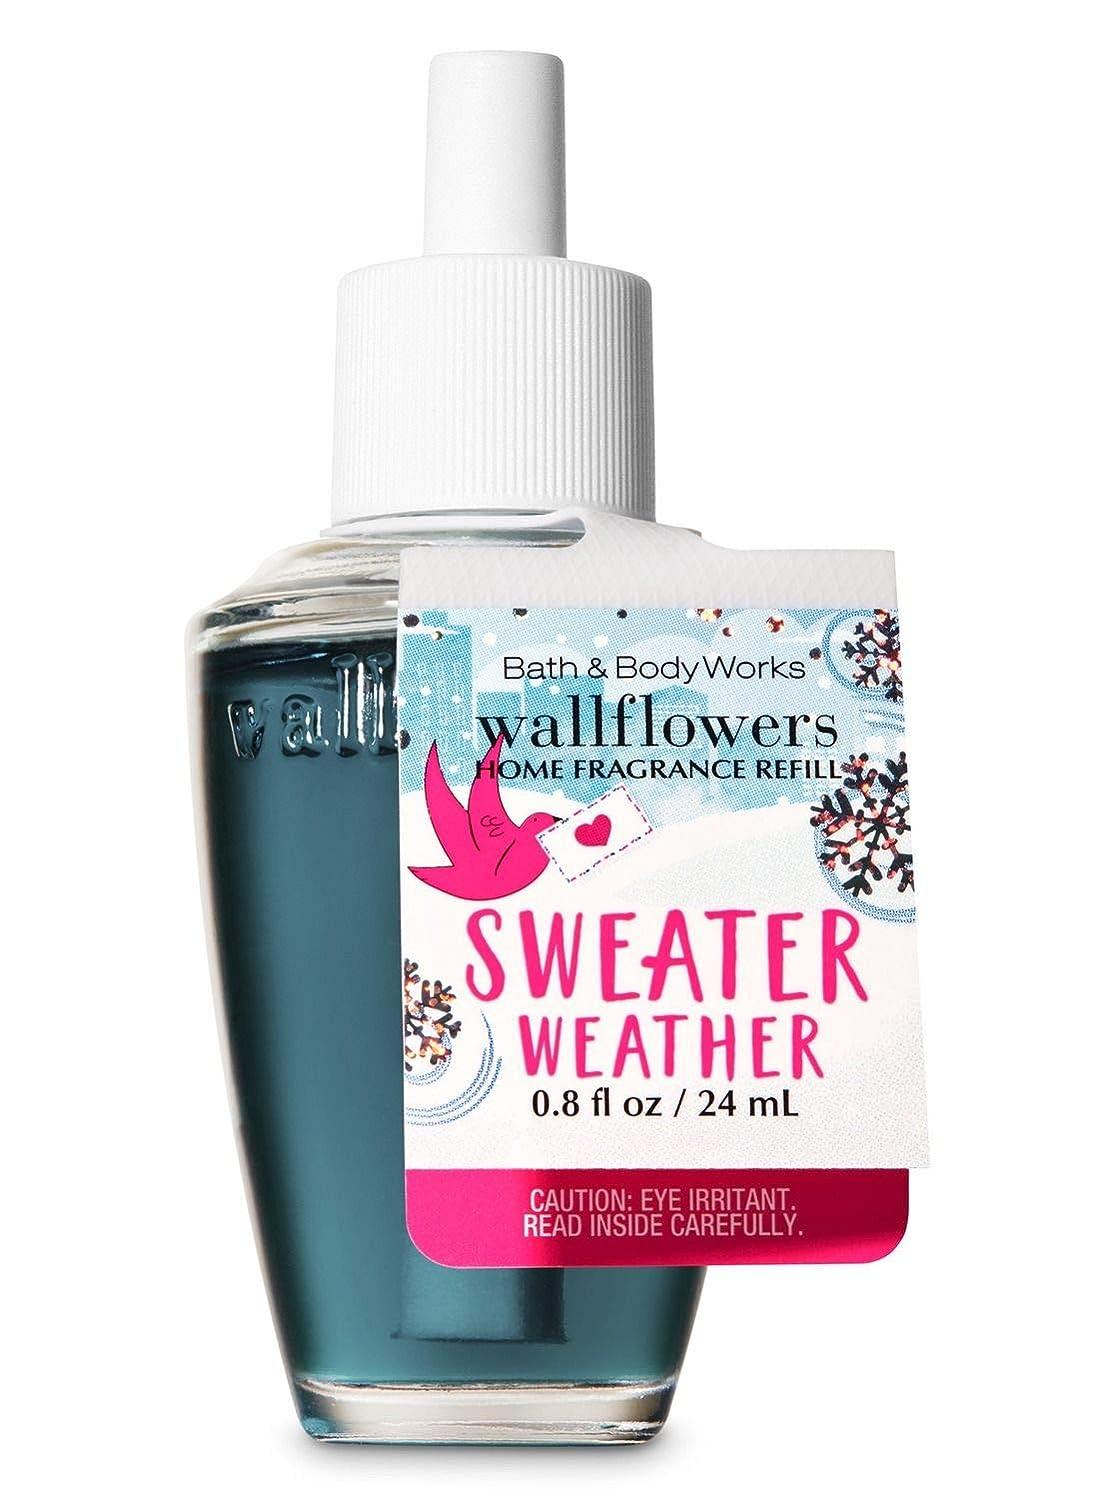 勃起合併症詩人【Bath&Body Works/バス&ボディワークス】 ルームフレグランス 詰替えリフィル スウェターウェザー Wallflowers Home Fragrance Refill Sweater Weather [並行輸入品]